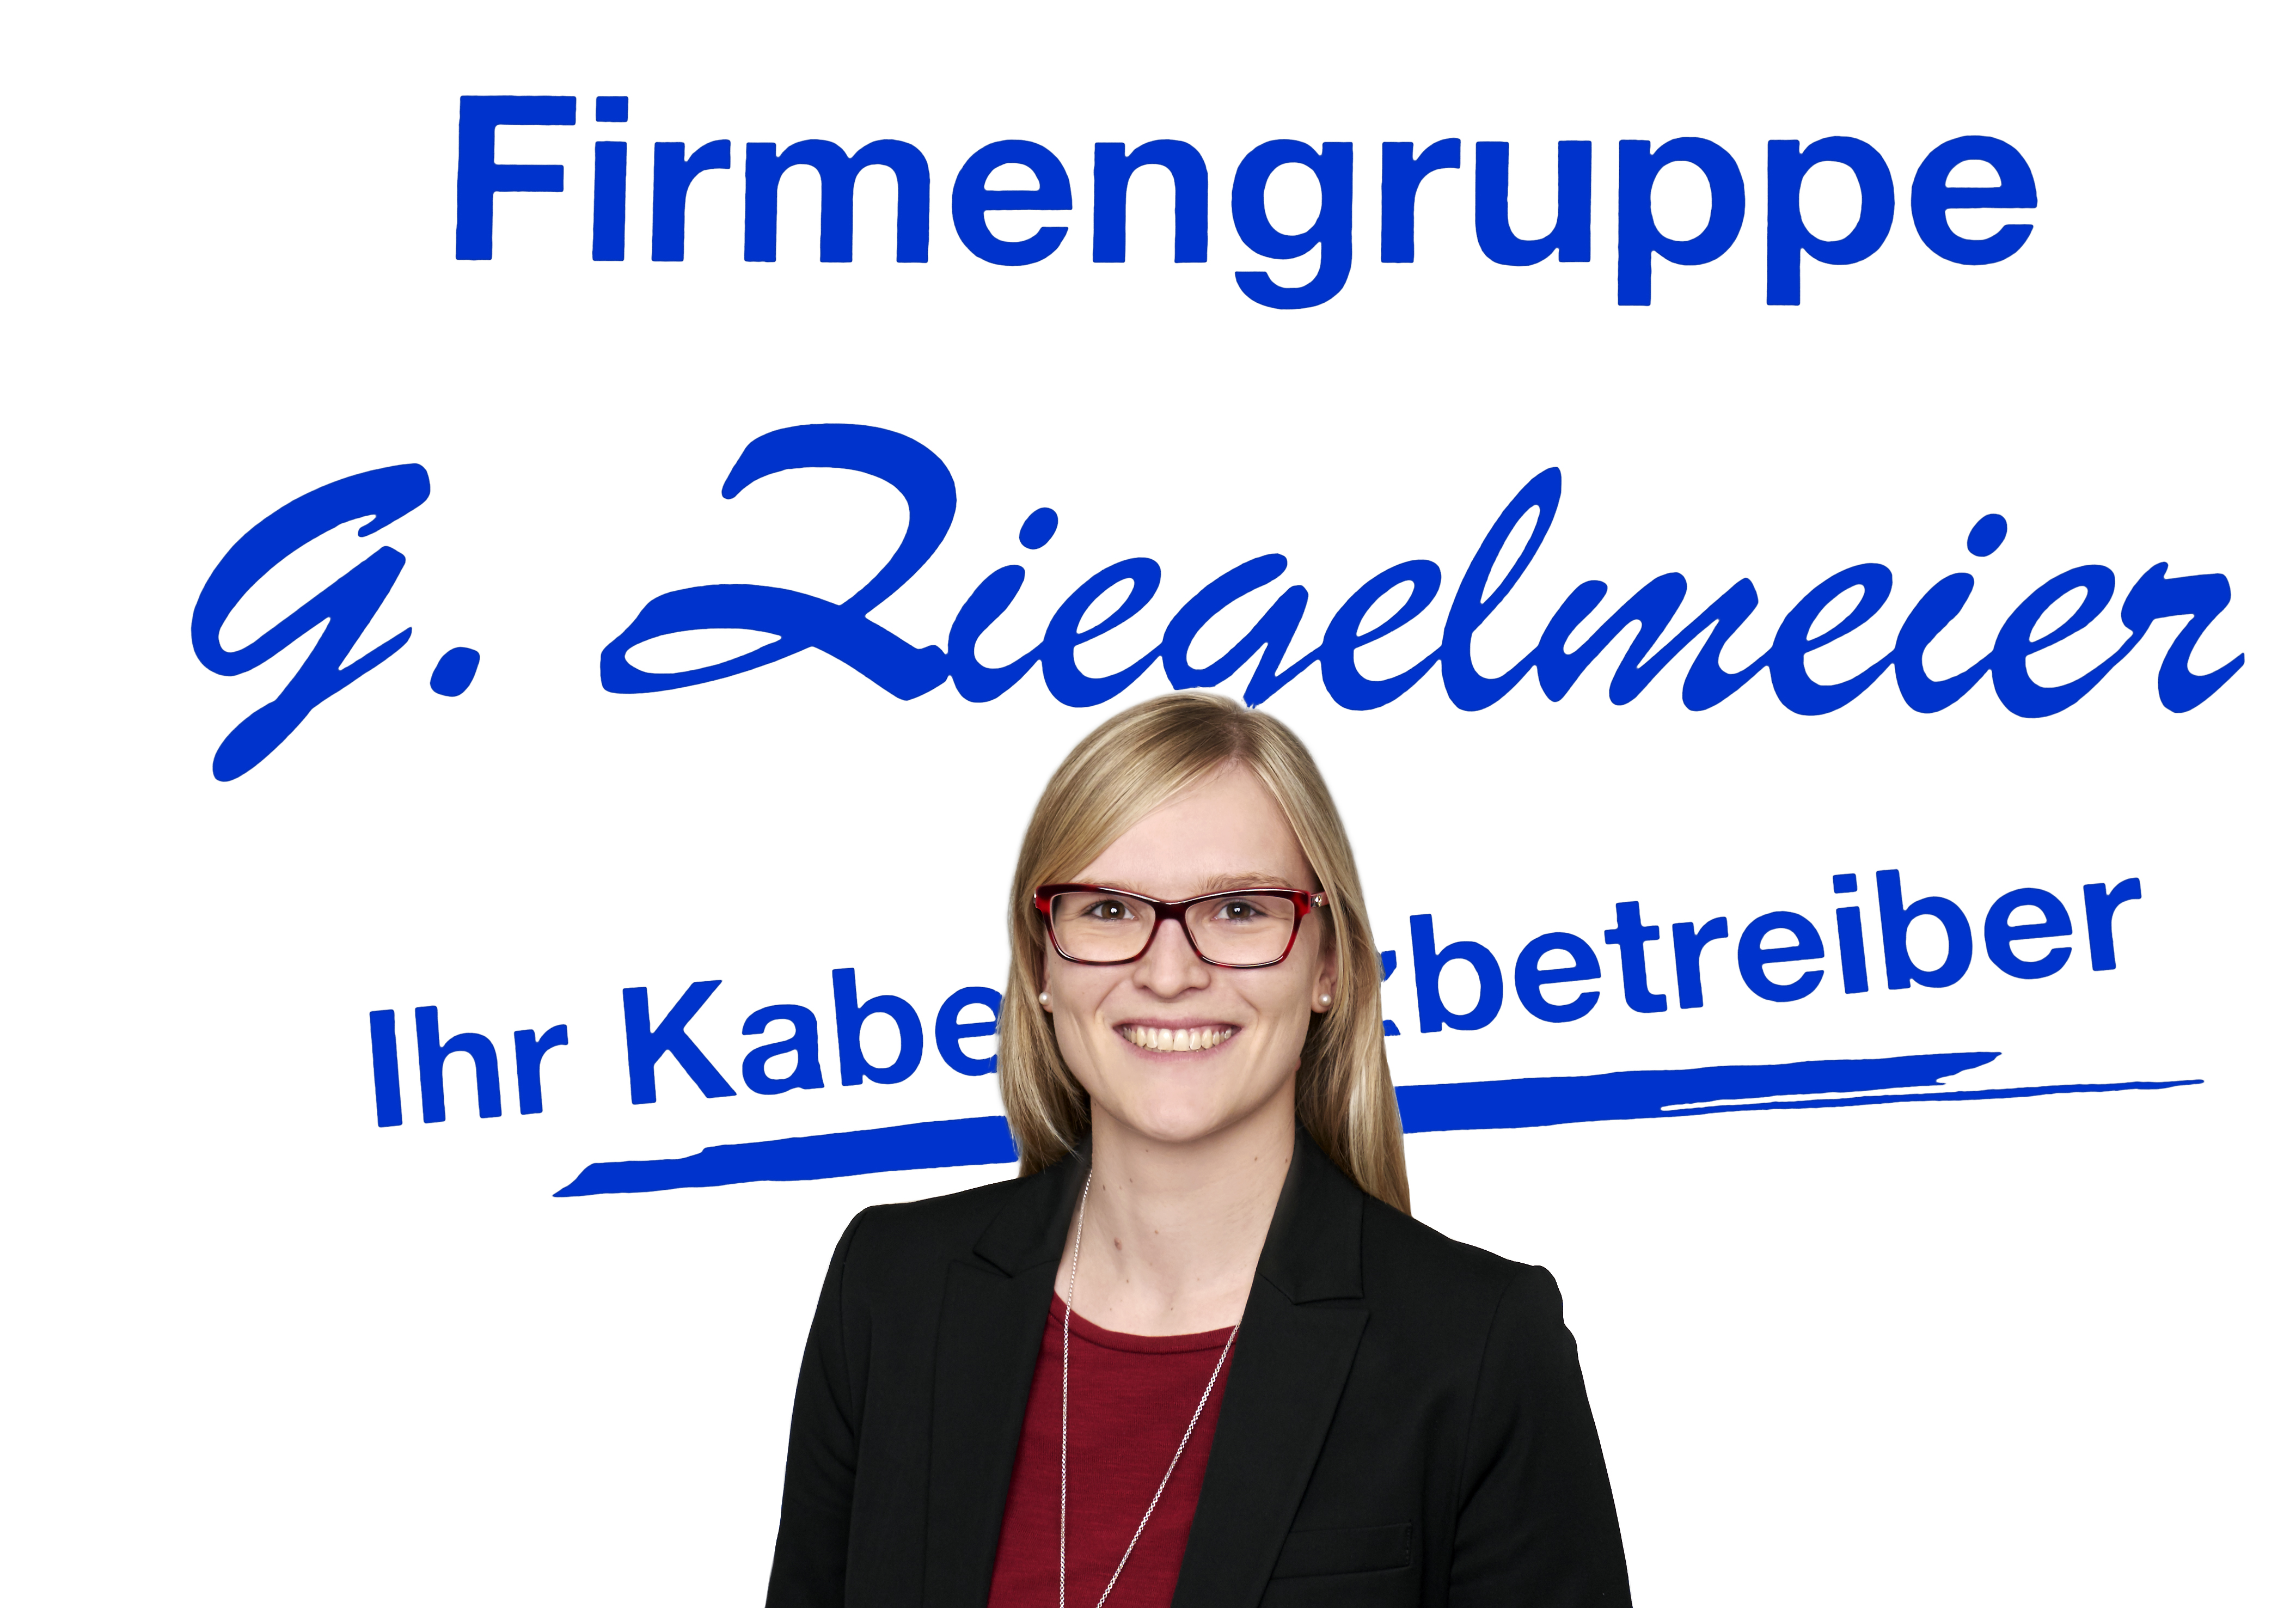 Lisa Ziegelmeier